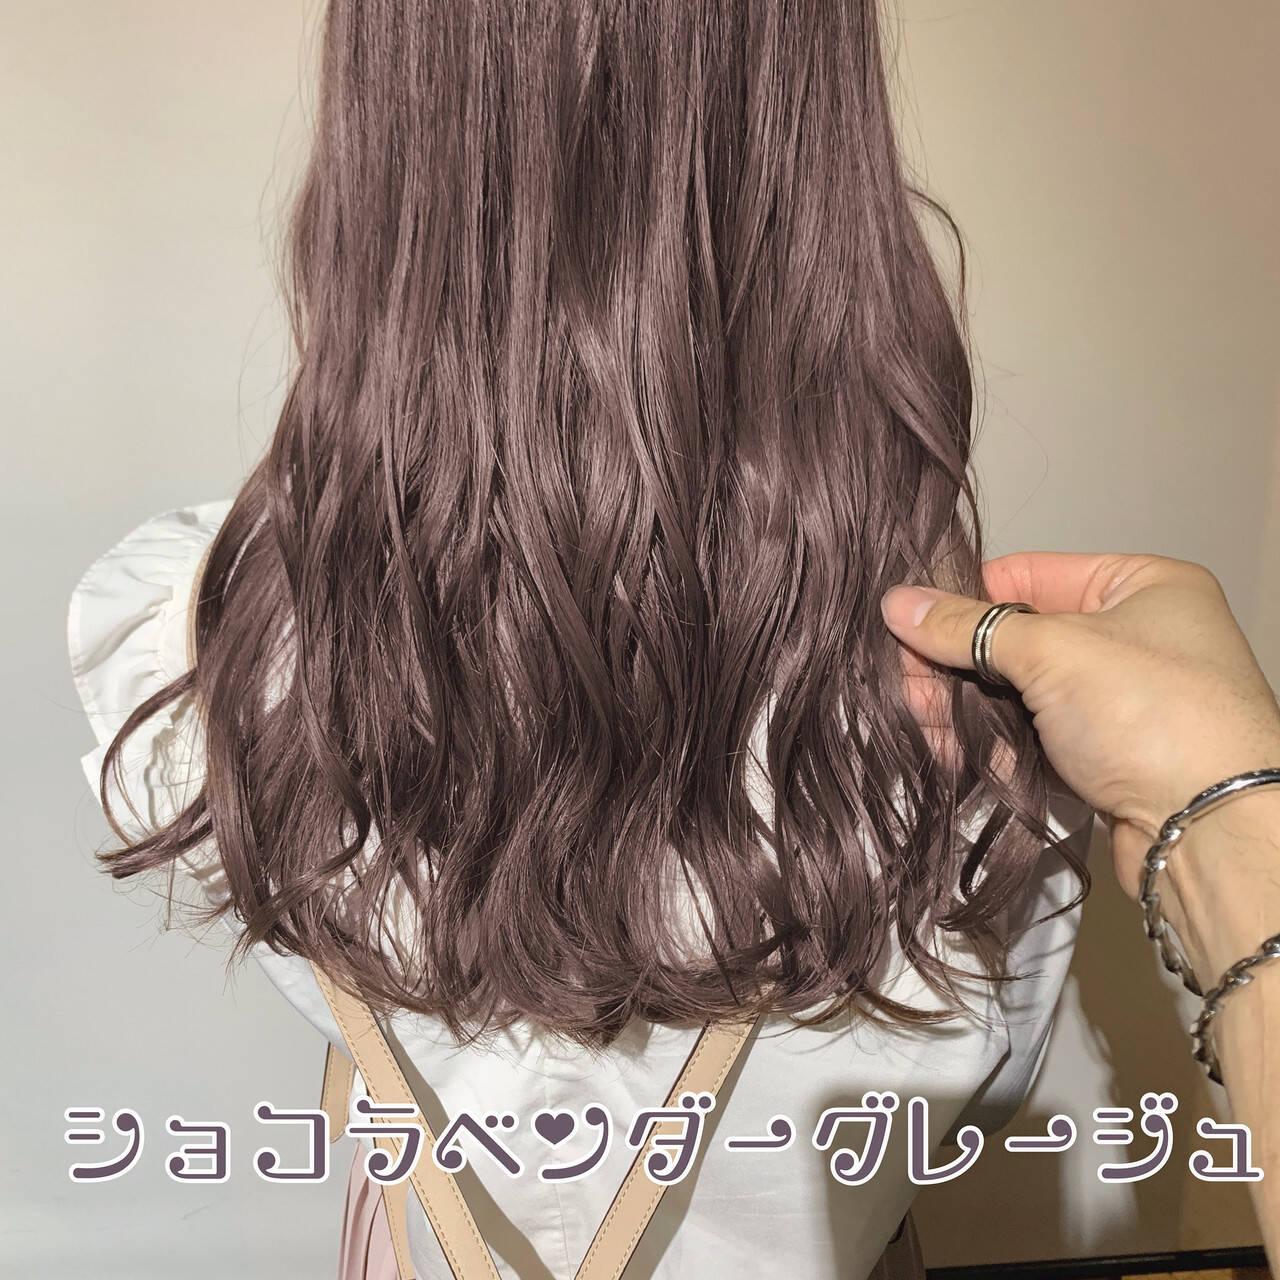 簡単ヘアアレンジ セミロング ミルクティーベージュ フェミニンヘアスタイルや髪型の写真・画像